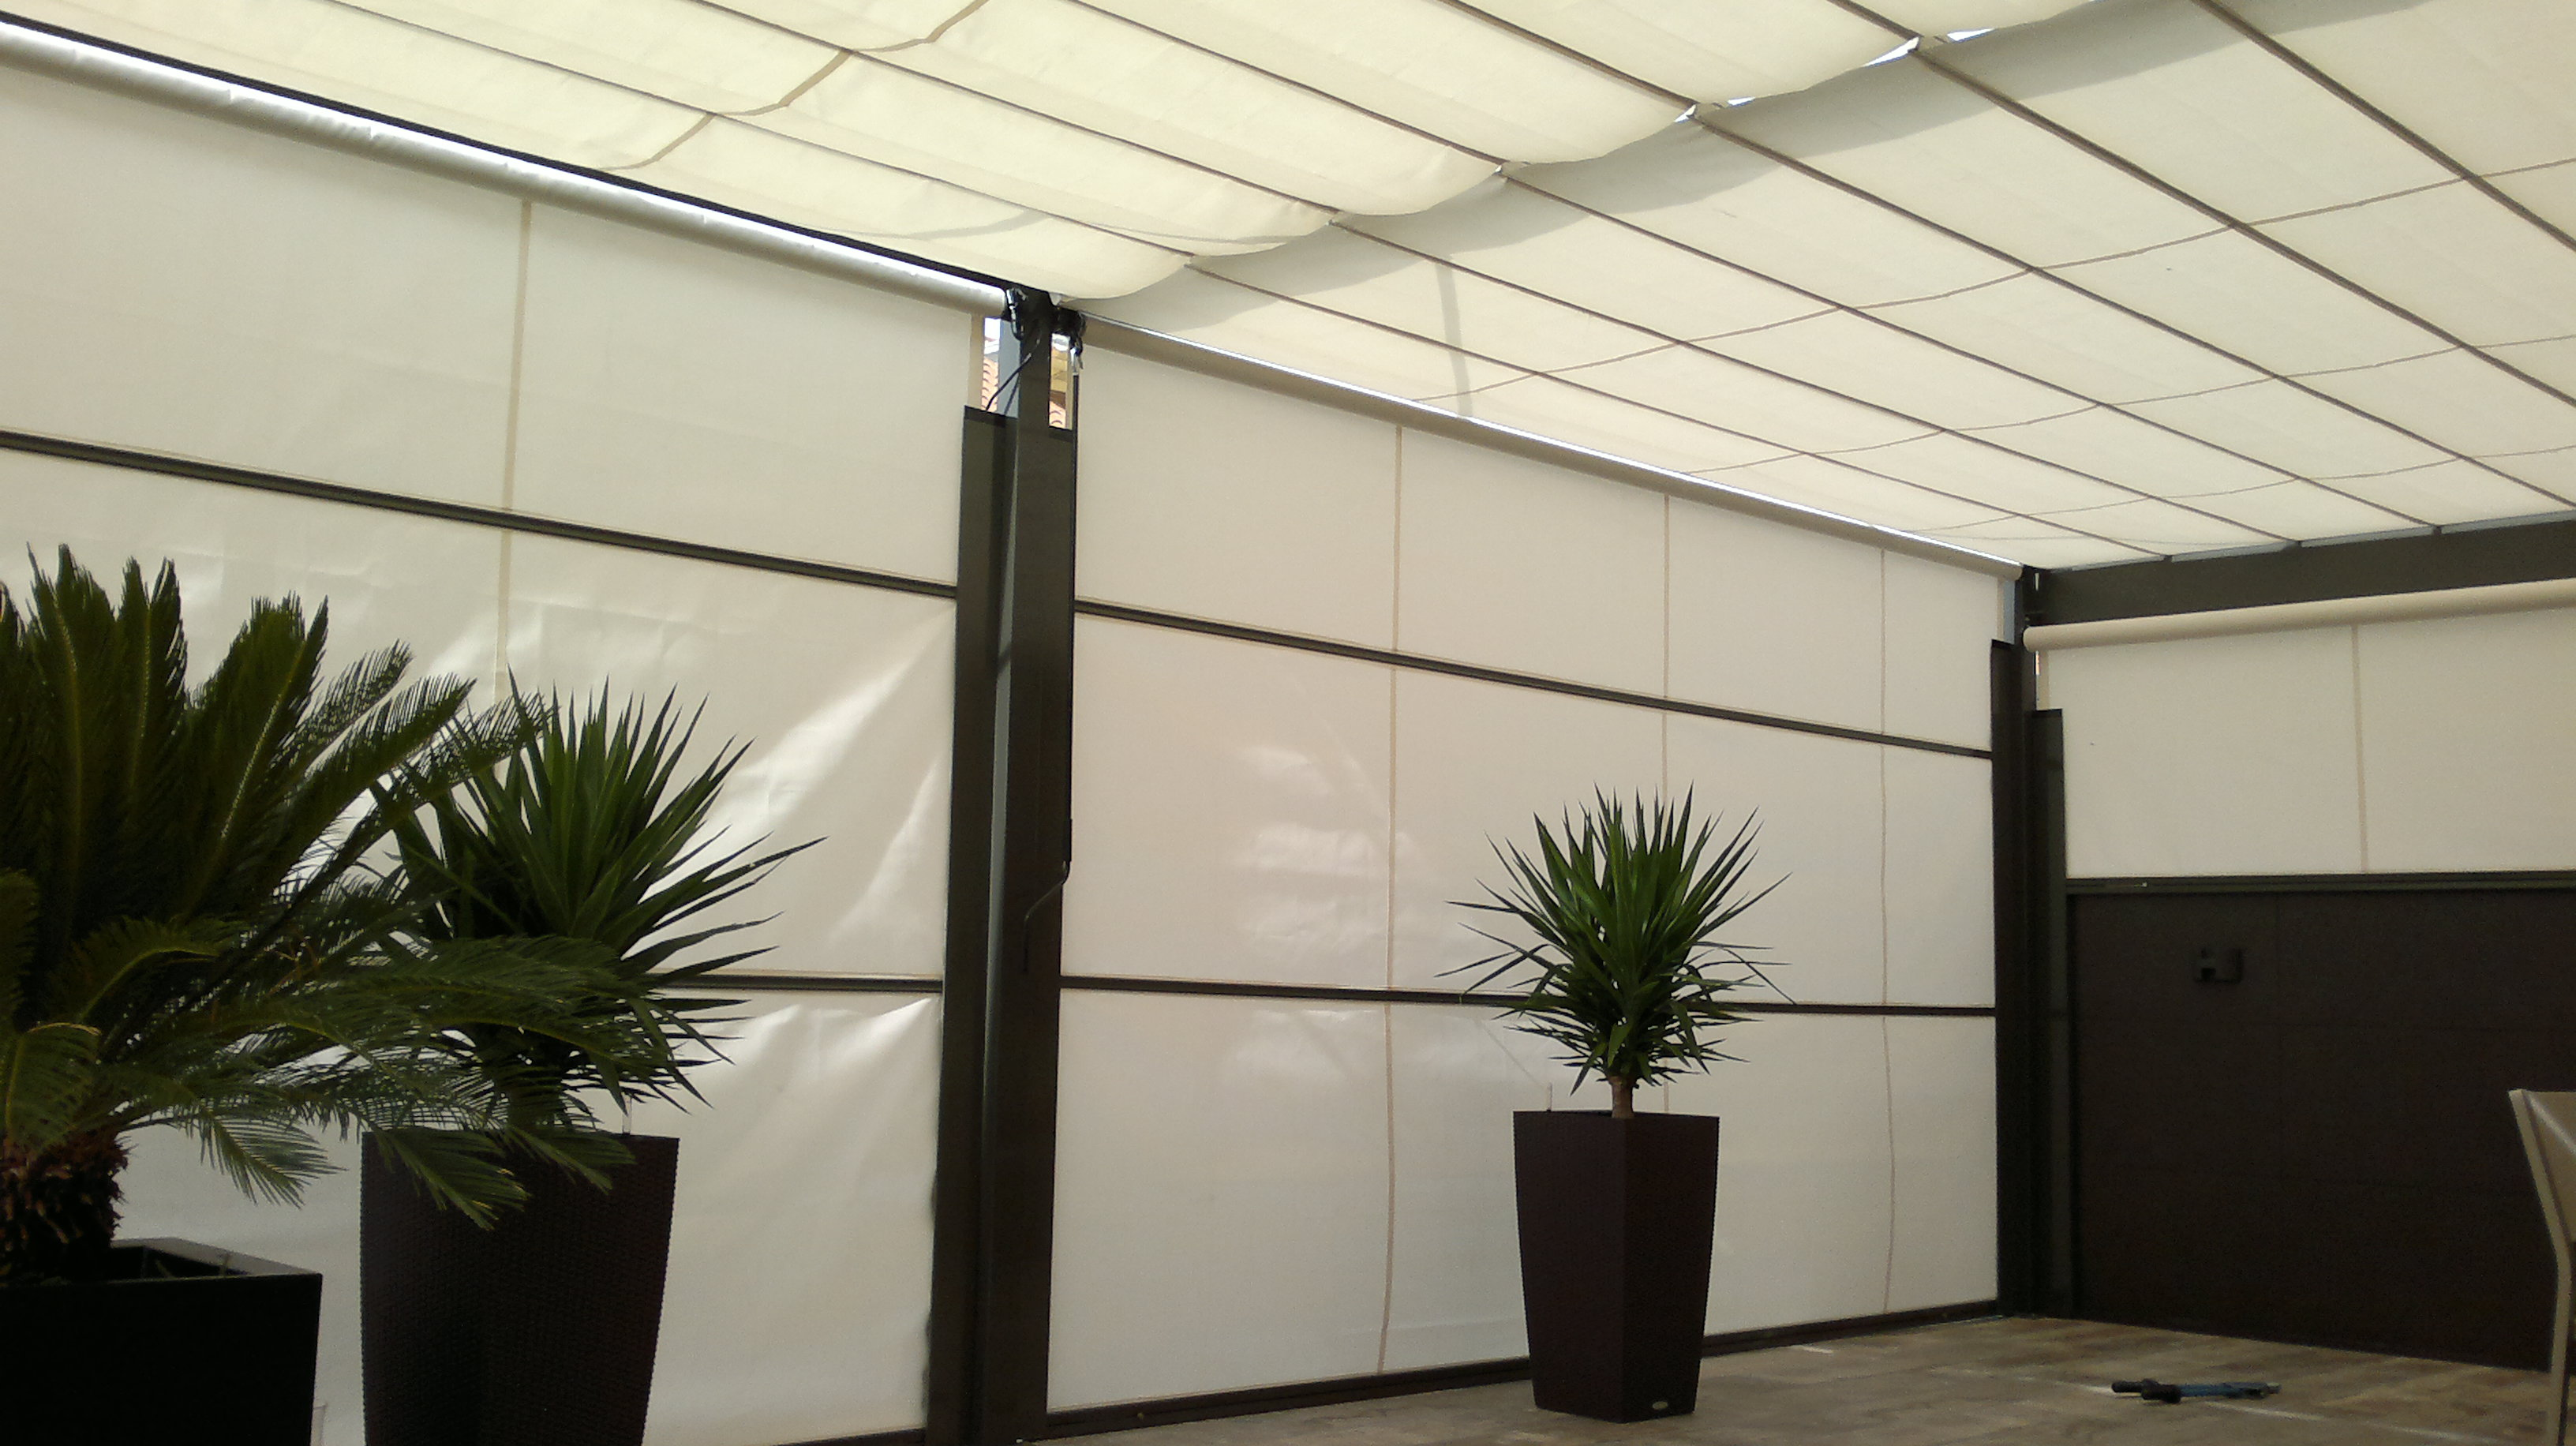 Toldos para jard n fabricantes en asturias toldos barry for Guias para toldos verticales